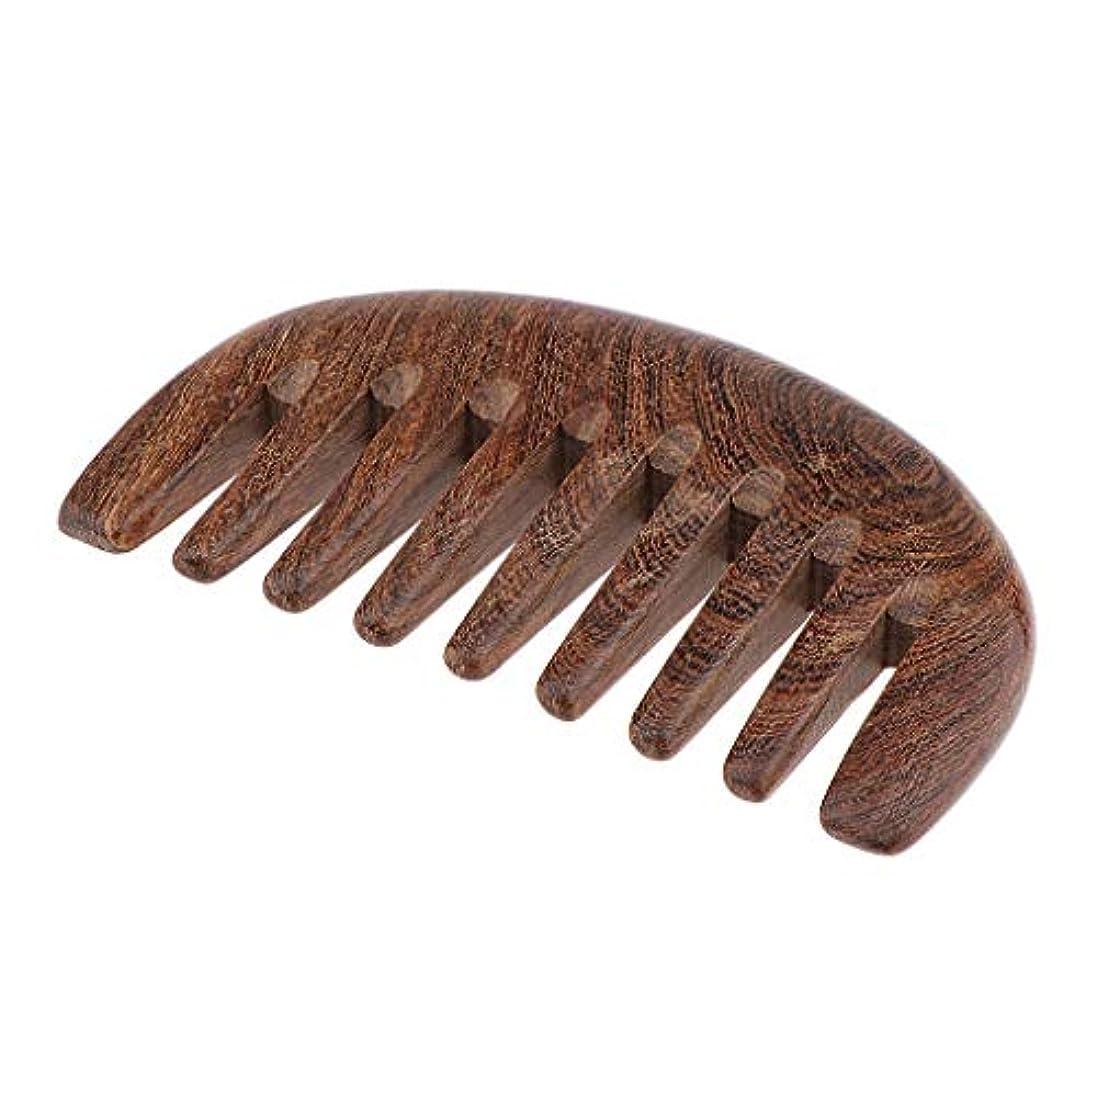 算術ふりをする勇気のあるDYNWAVE くし コーム 木製 櫛 美髪ケア ヘアケア ヘアコーム 頭皮マッサージ 3色選べ - クロロフォラ